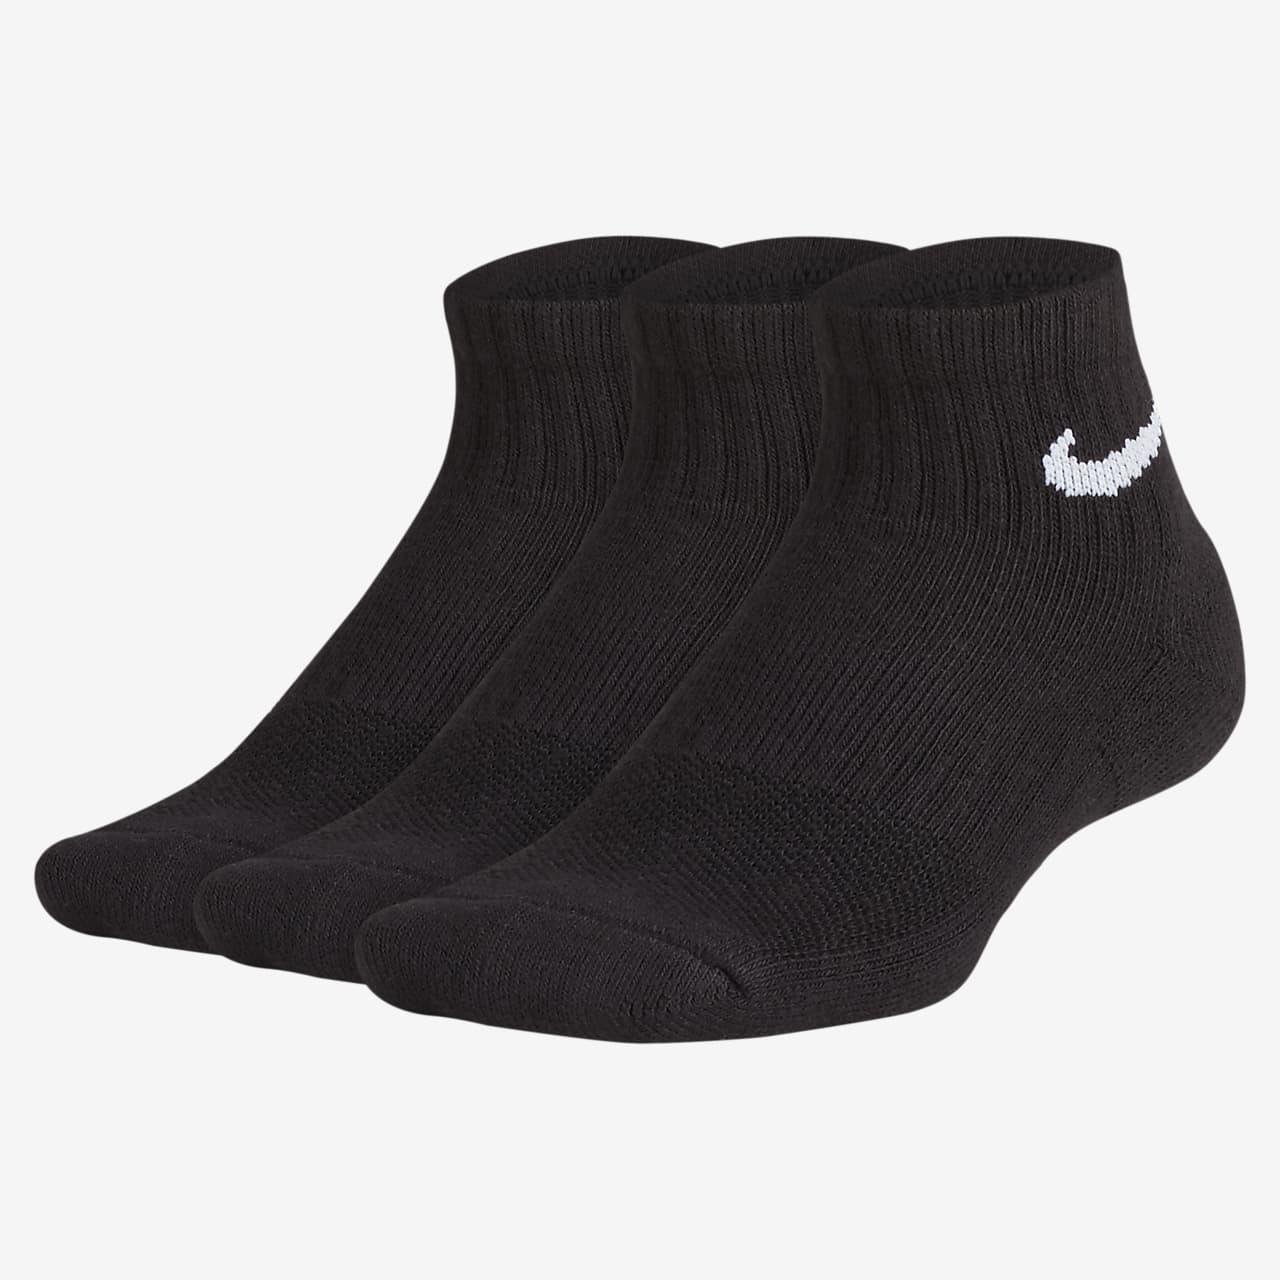 Socquettes rembourrées Nike Everyday pour Enfant plus âgé (3 paires)